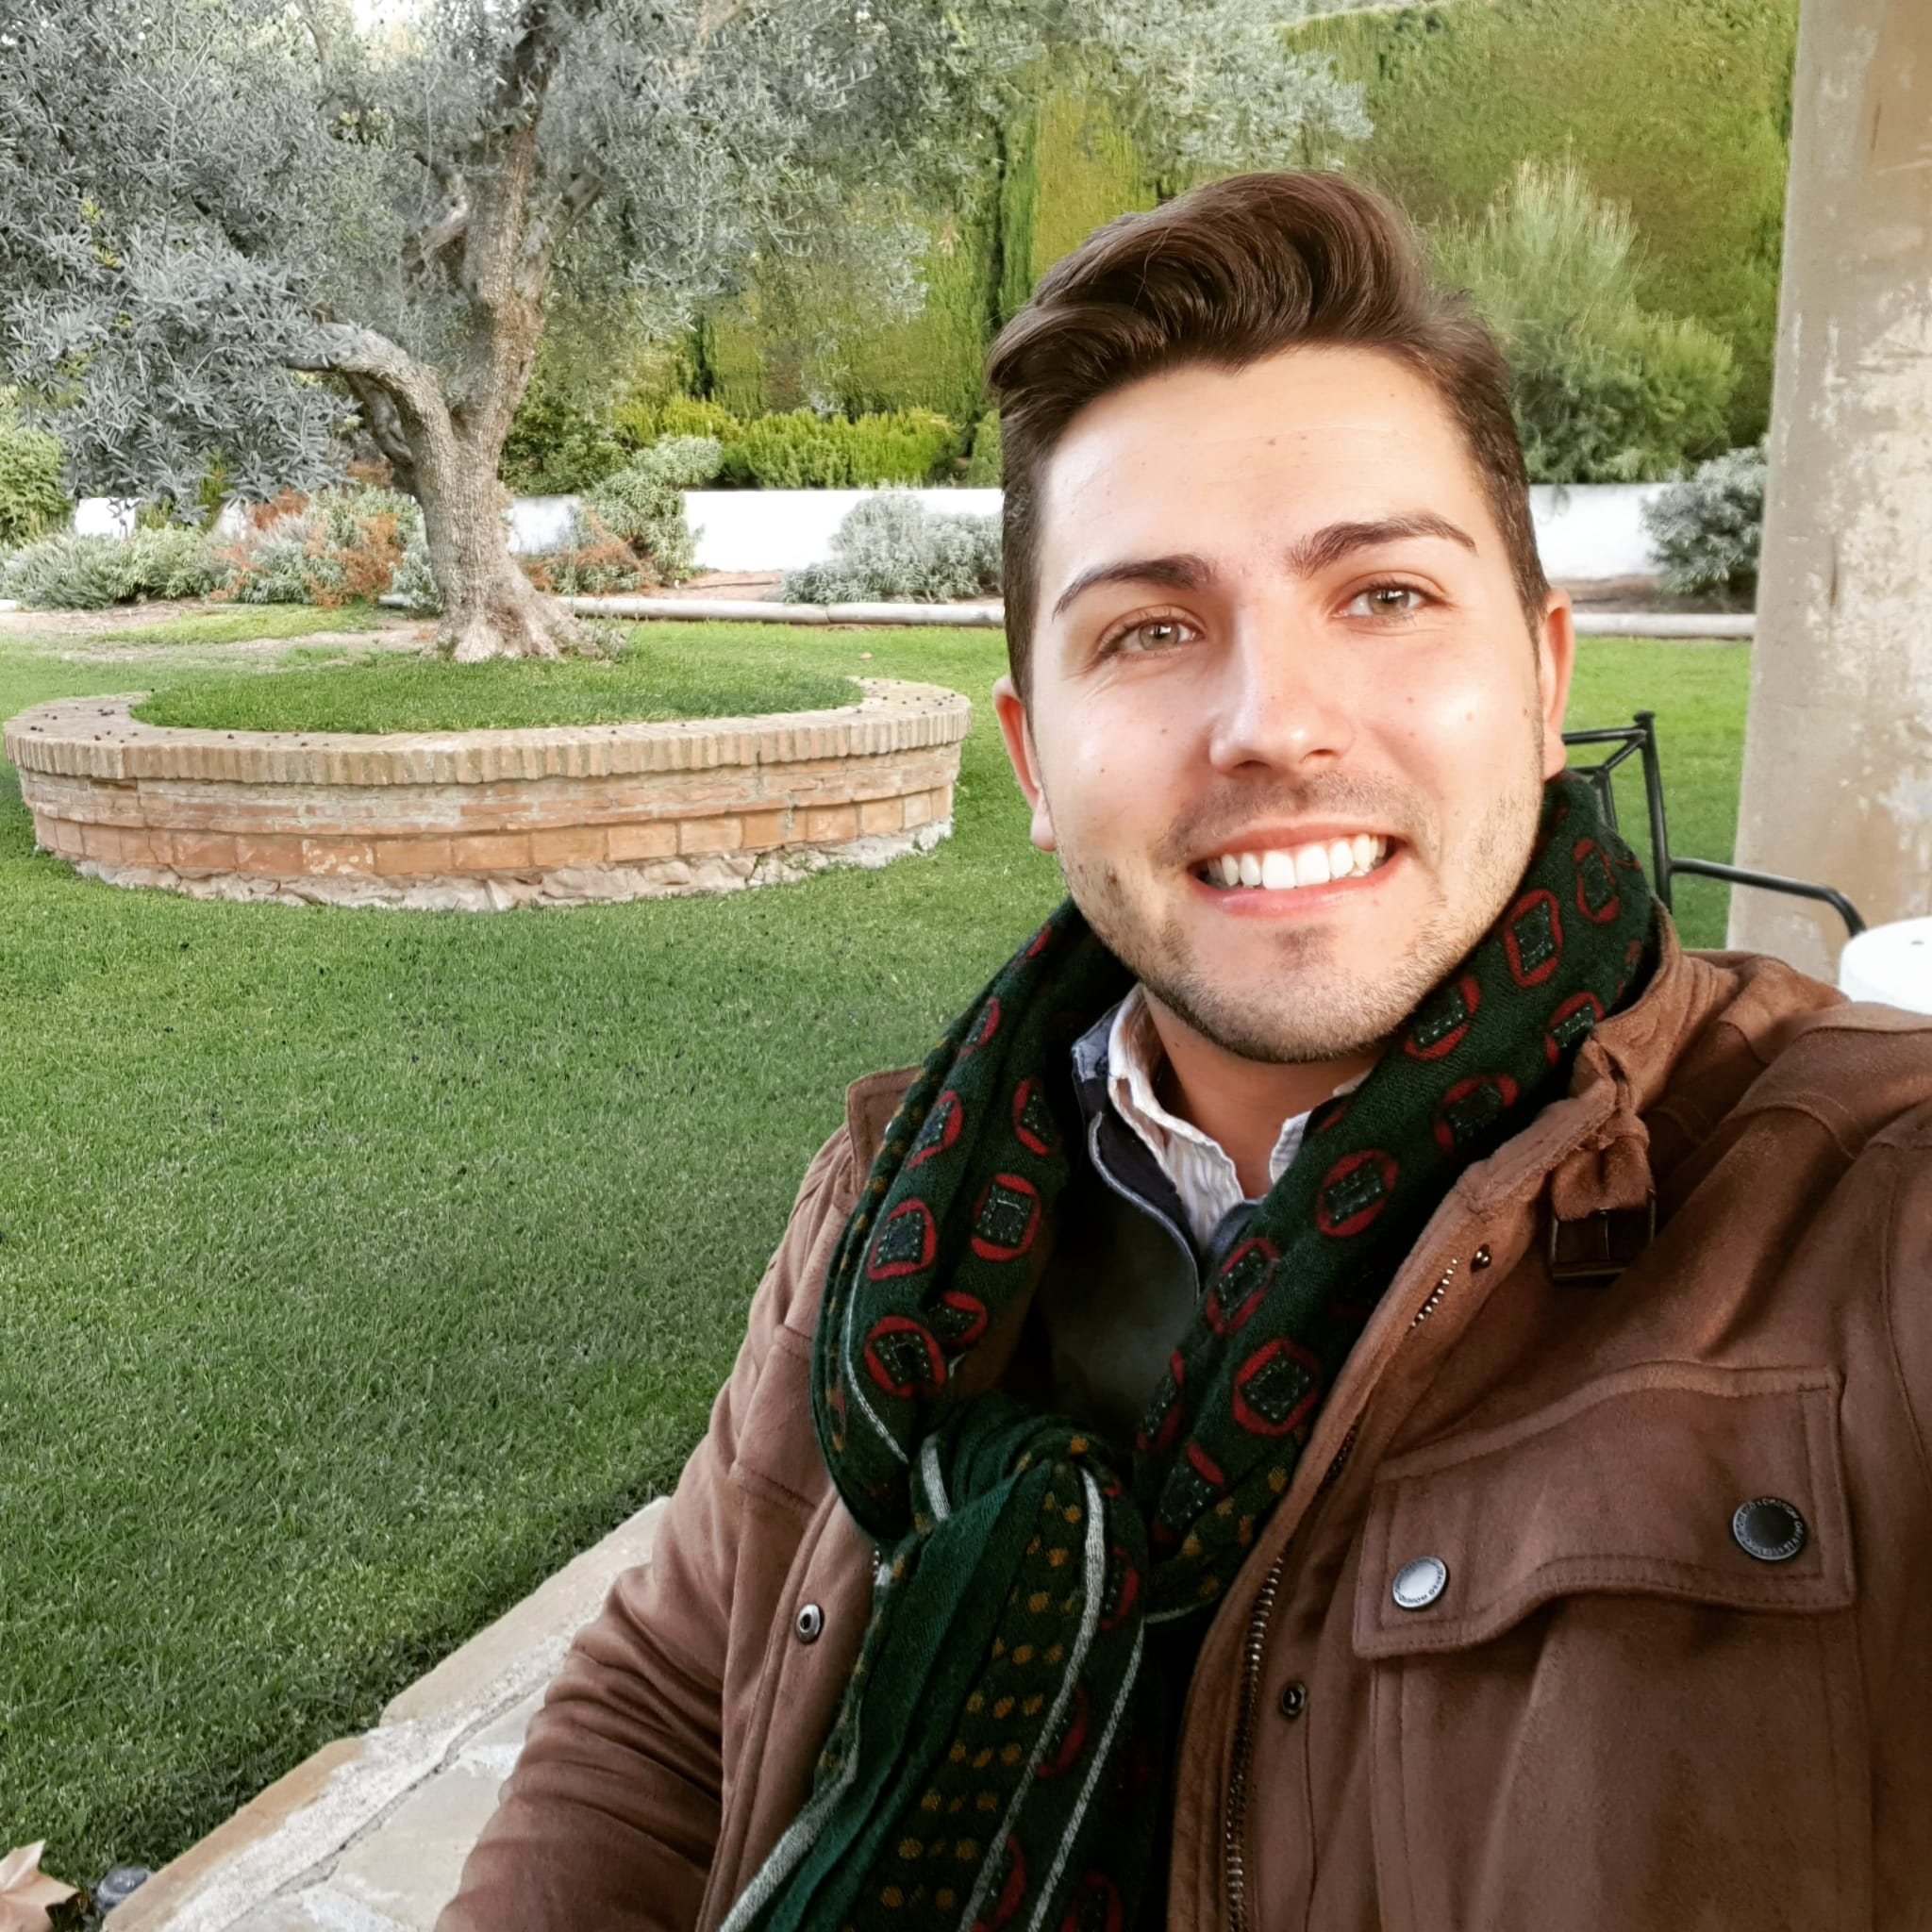 Juan Manuel Sanchez Mochon